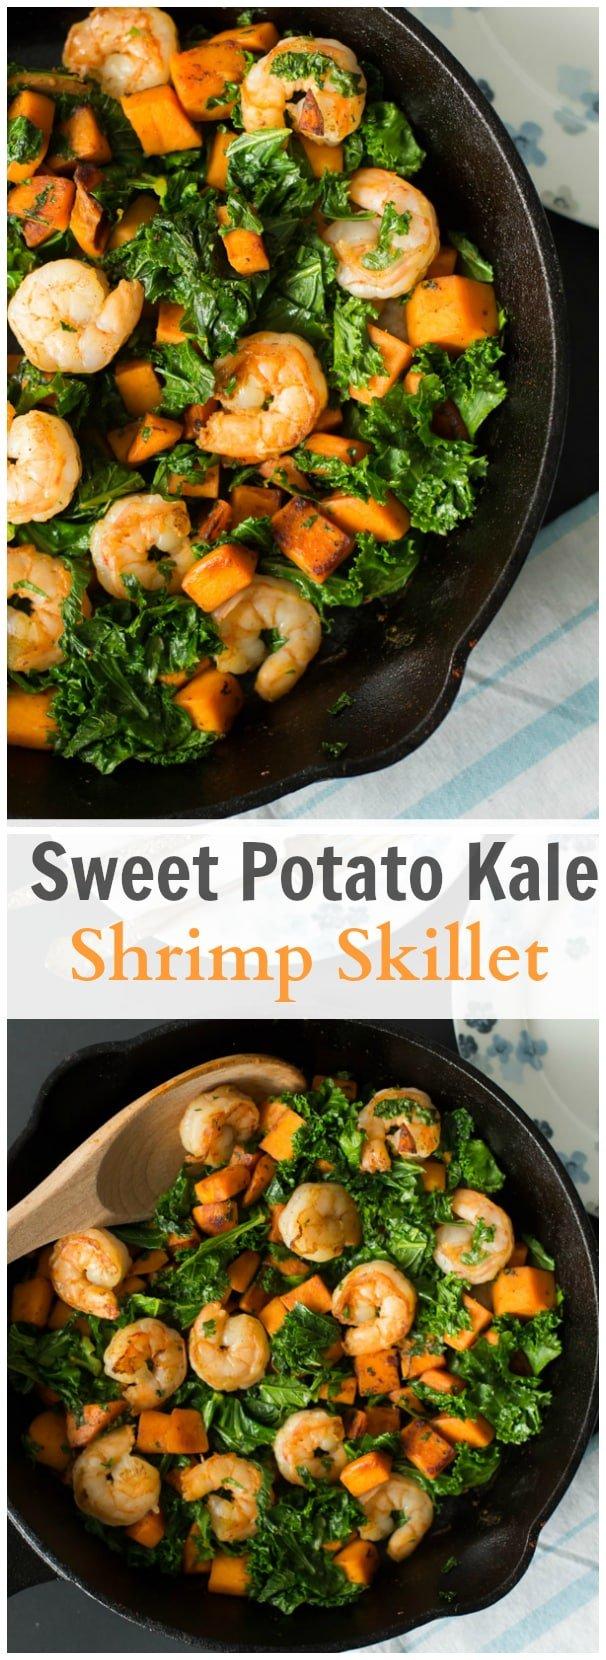 Sweet Potato Kale Shrimp Skillet